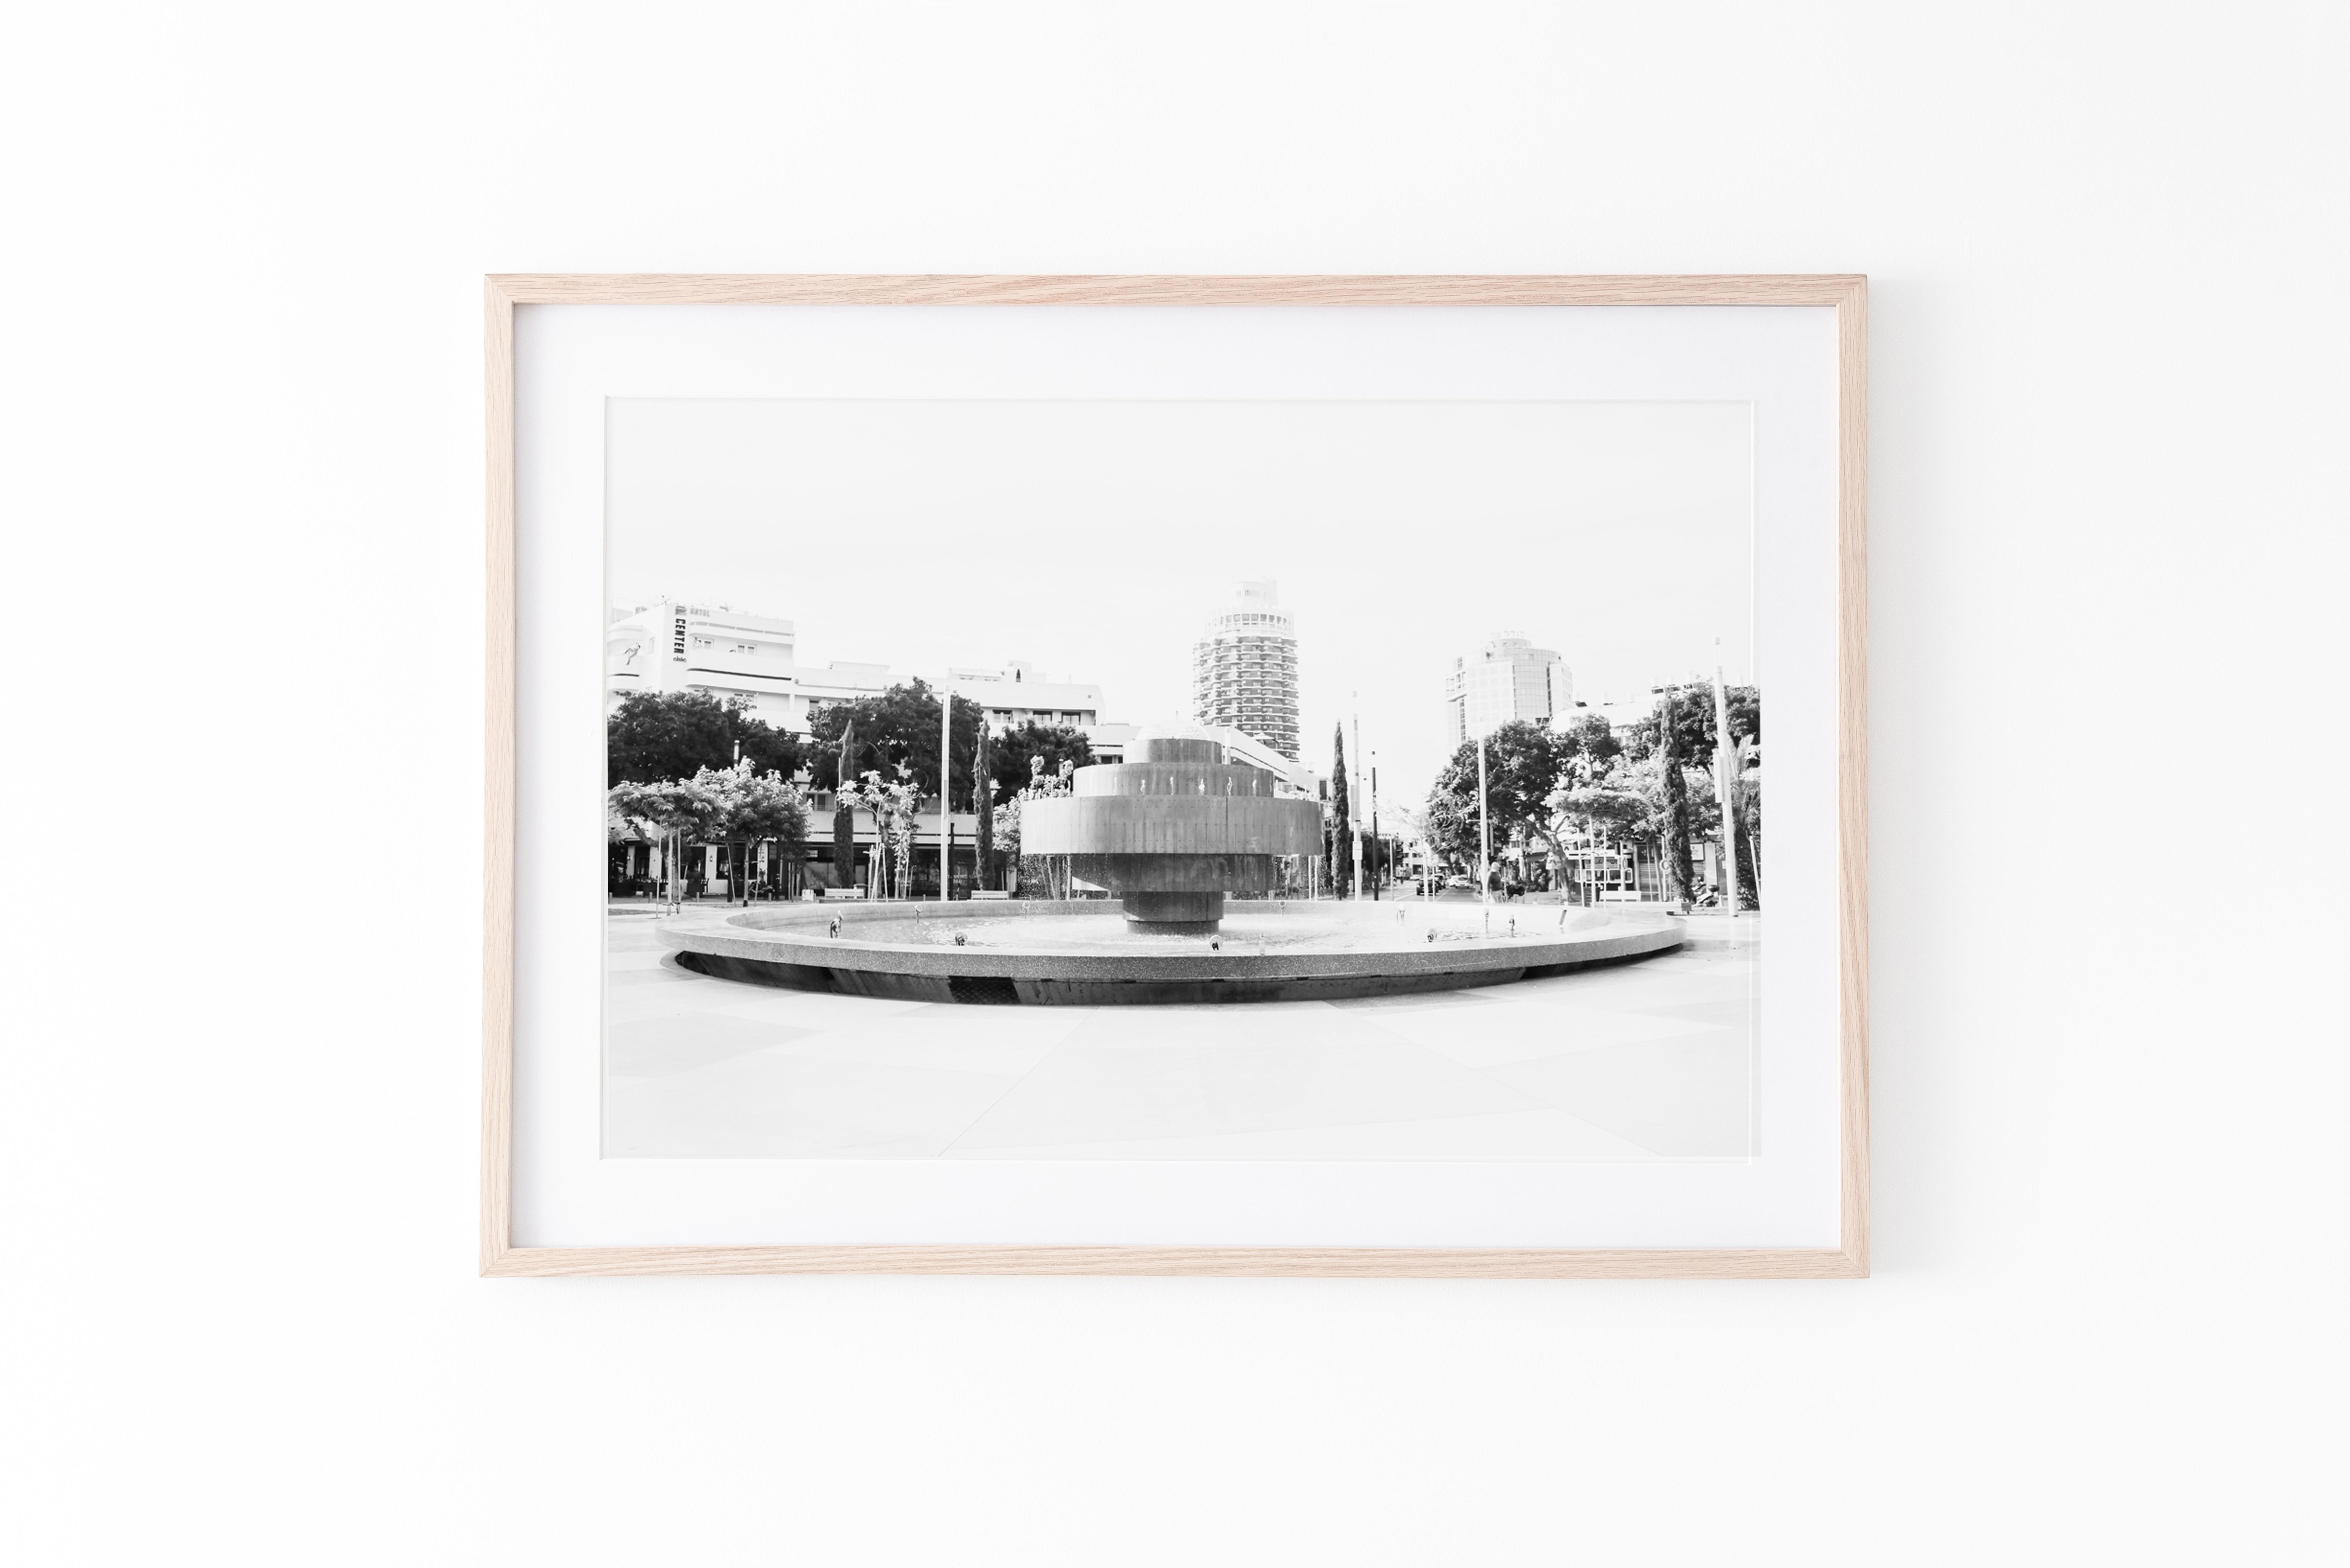 כיכר דיזינגוף תל אביב